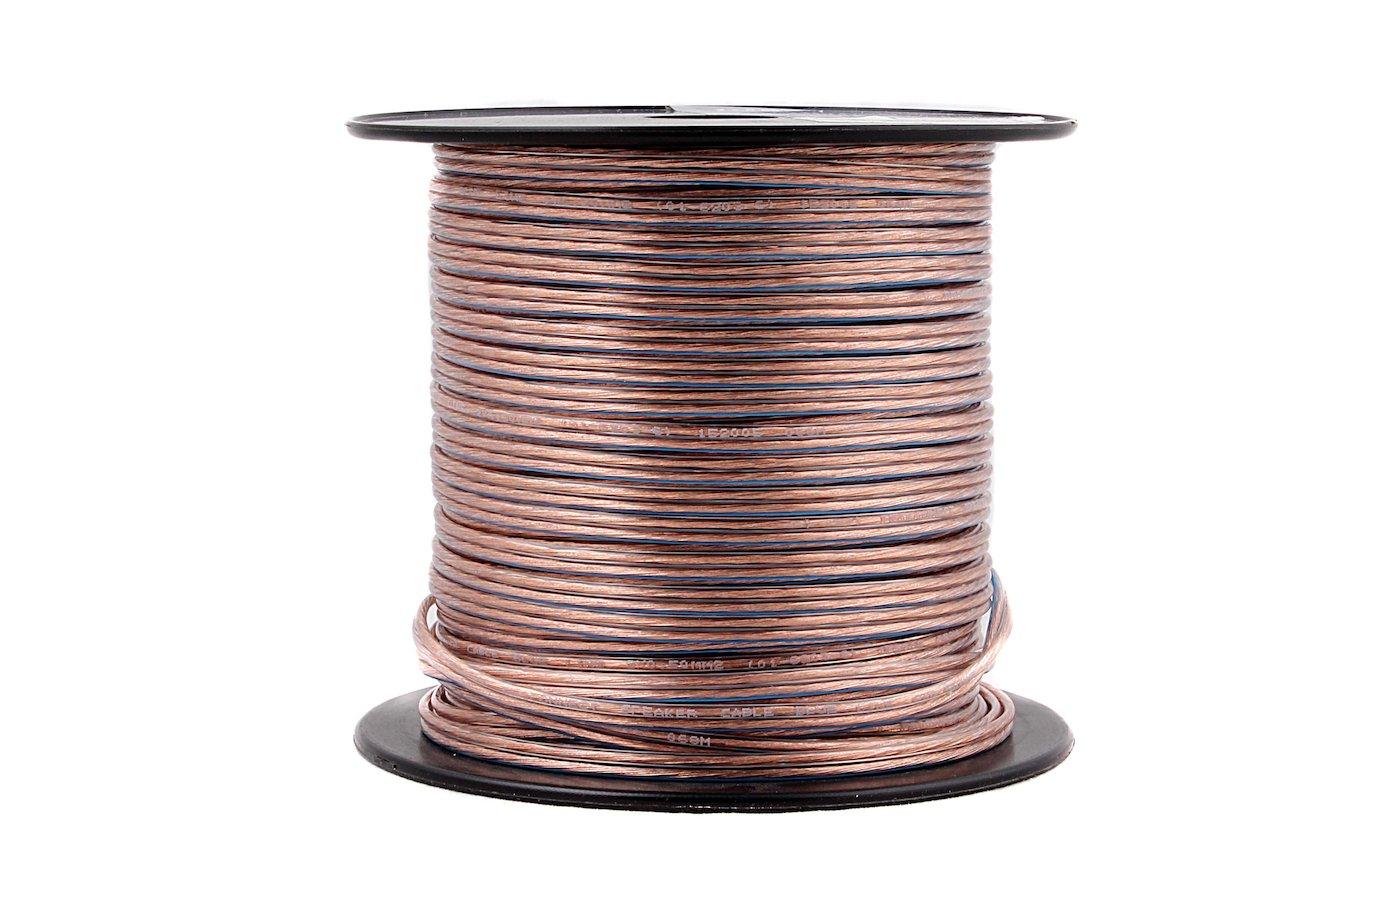 Кабель Proconnect 01-6203-6 (100м.) 2x0.5 мм2 цена за 1 метр